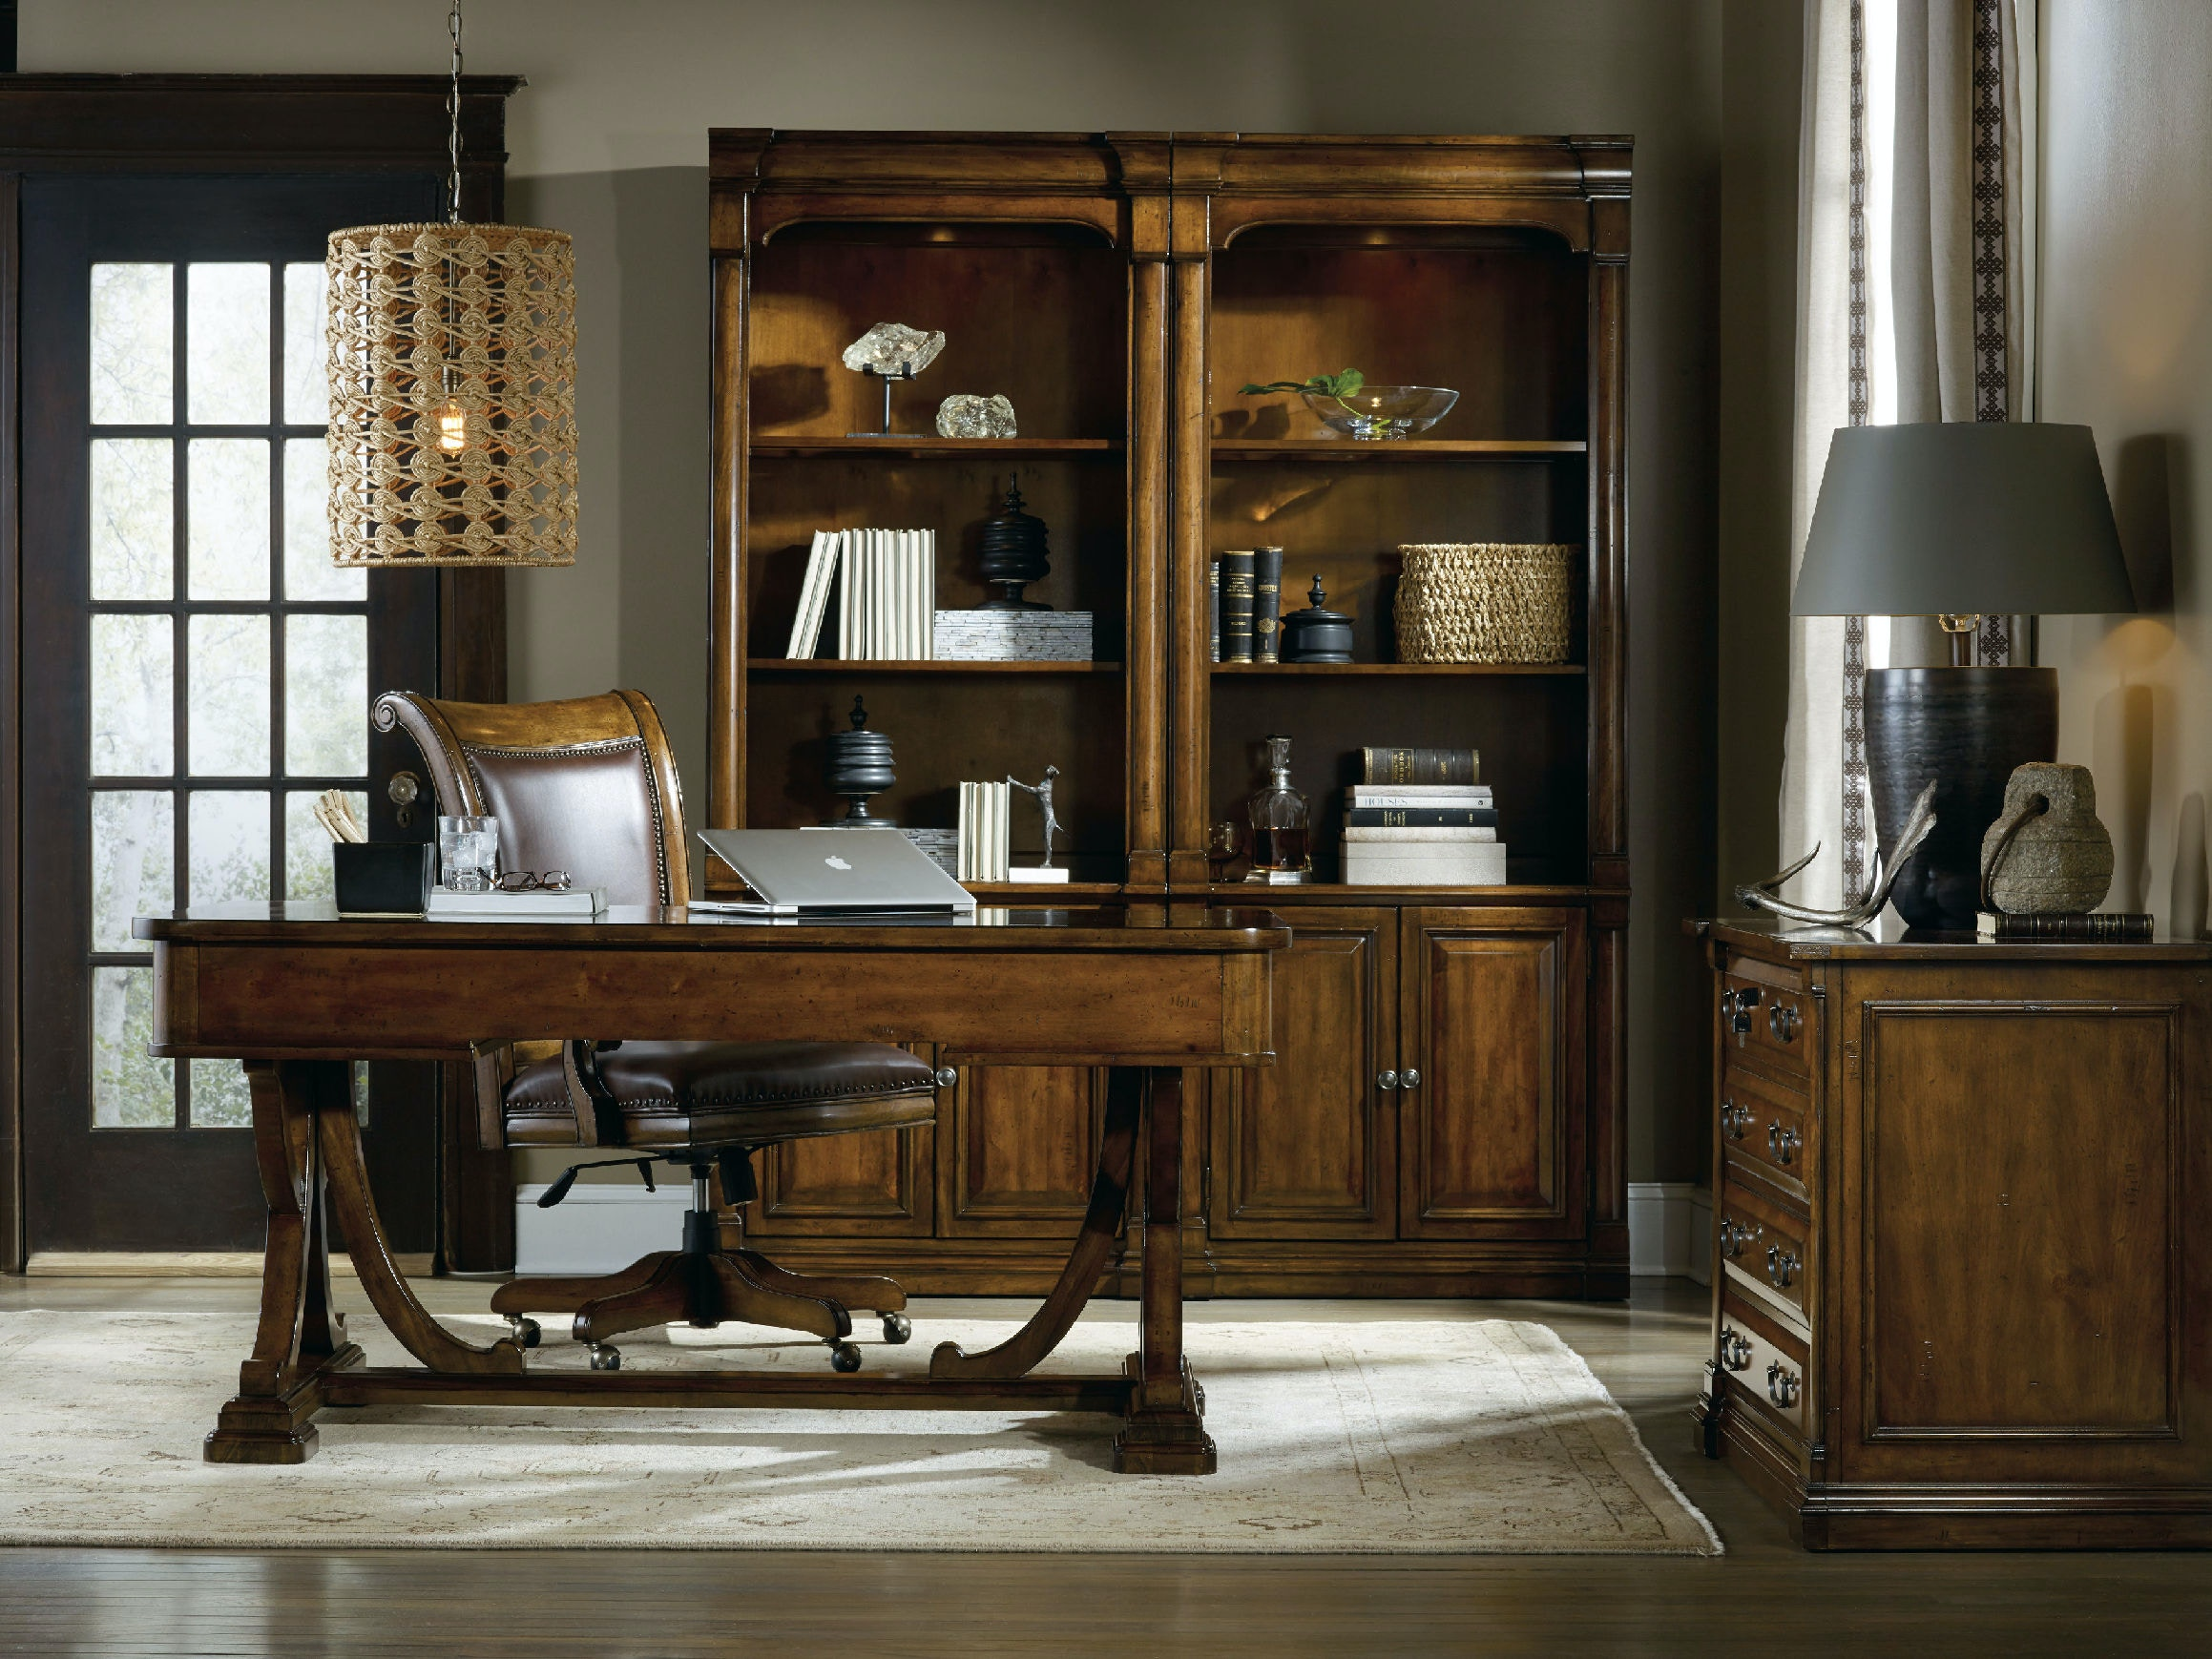 Hooker Furniture Tynecastle Tilt Swivel Desk Chair 5323 30220